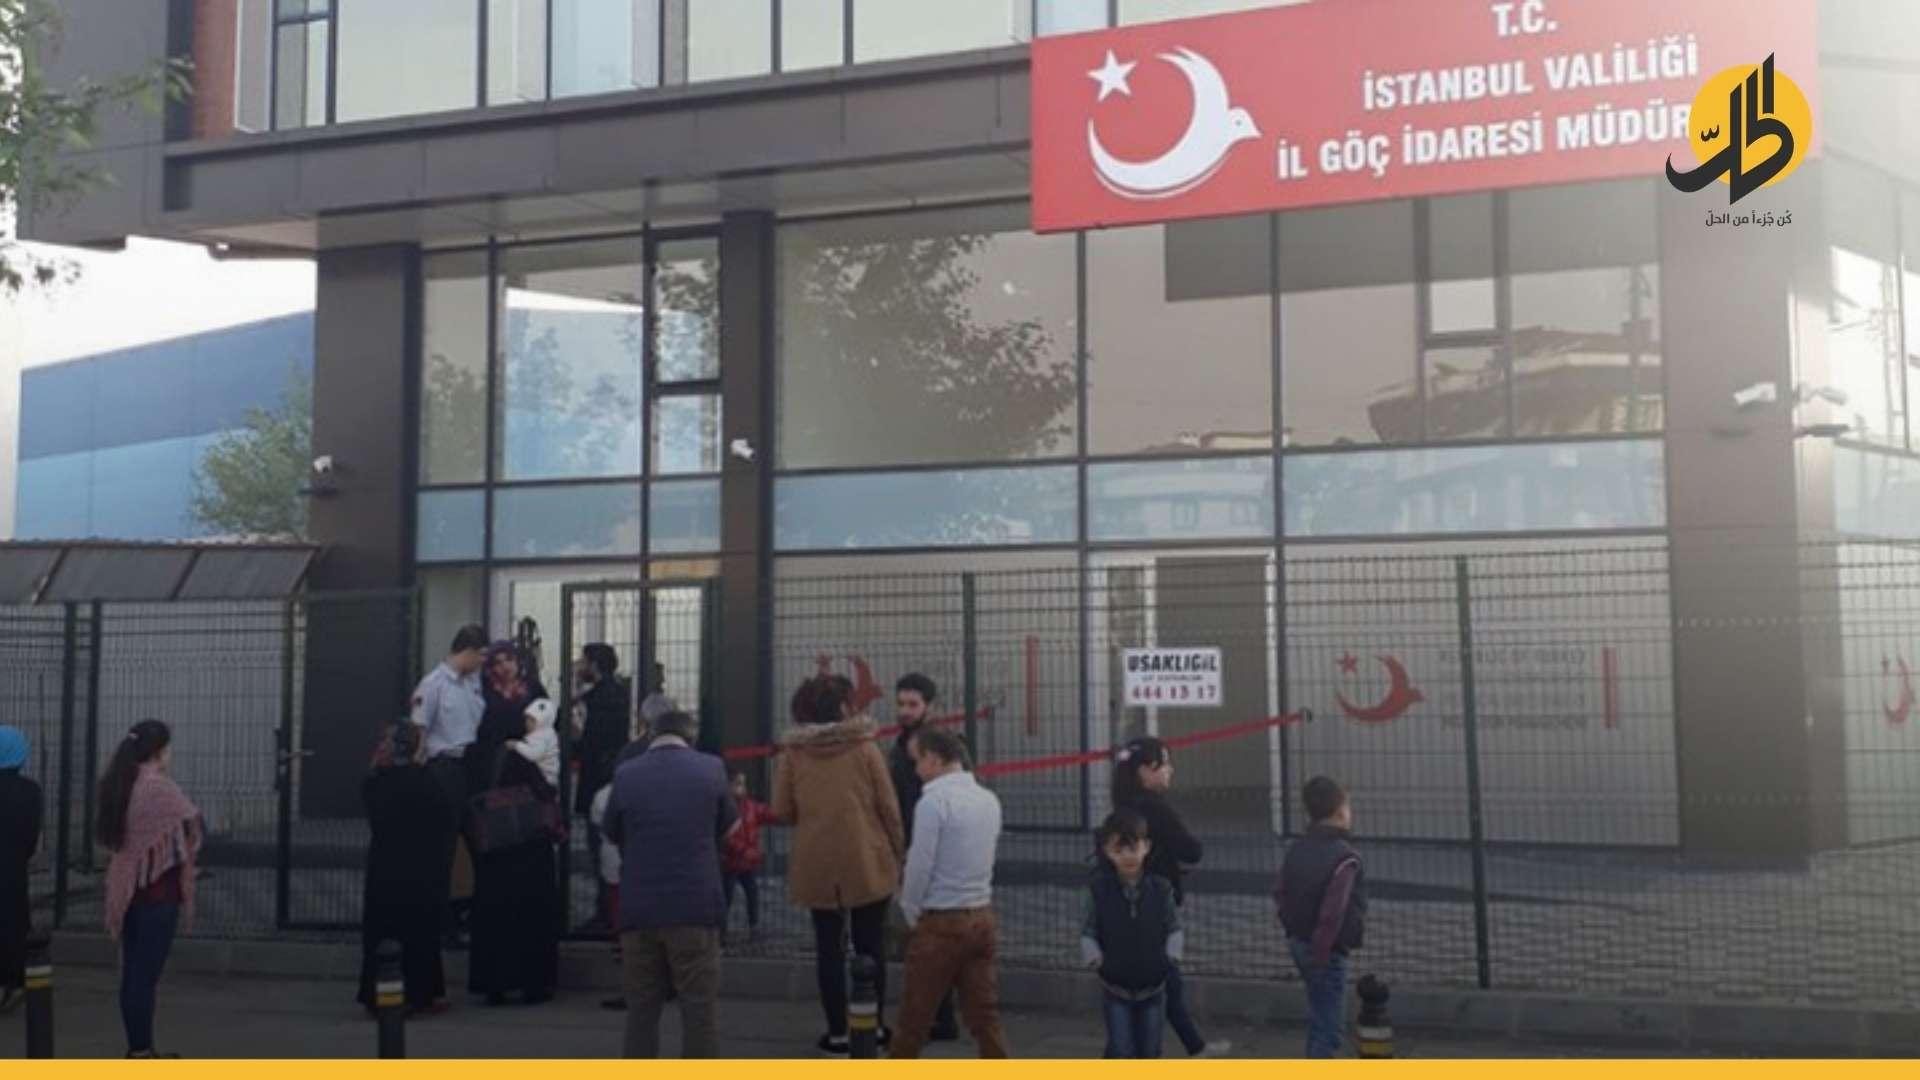 """المعارضة التركية تتهم """"حزب العدالة"""" بتجنيس أشخاص ذوي """"خلفيات جهادية"""""""